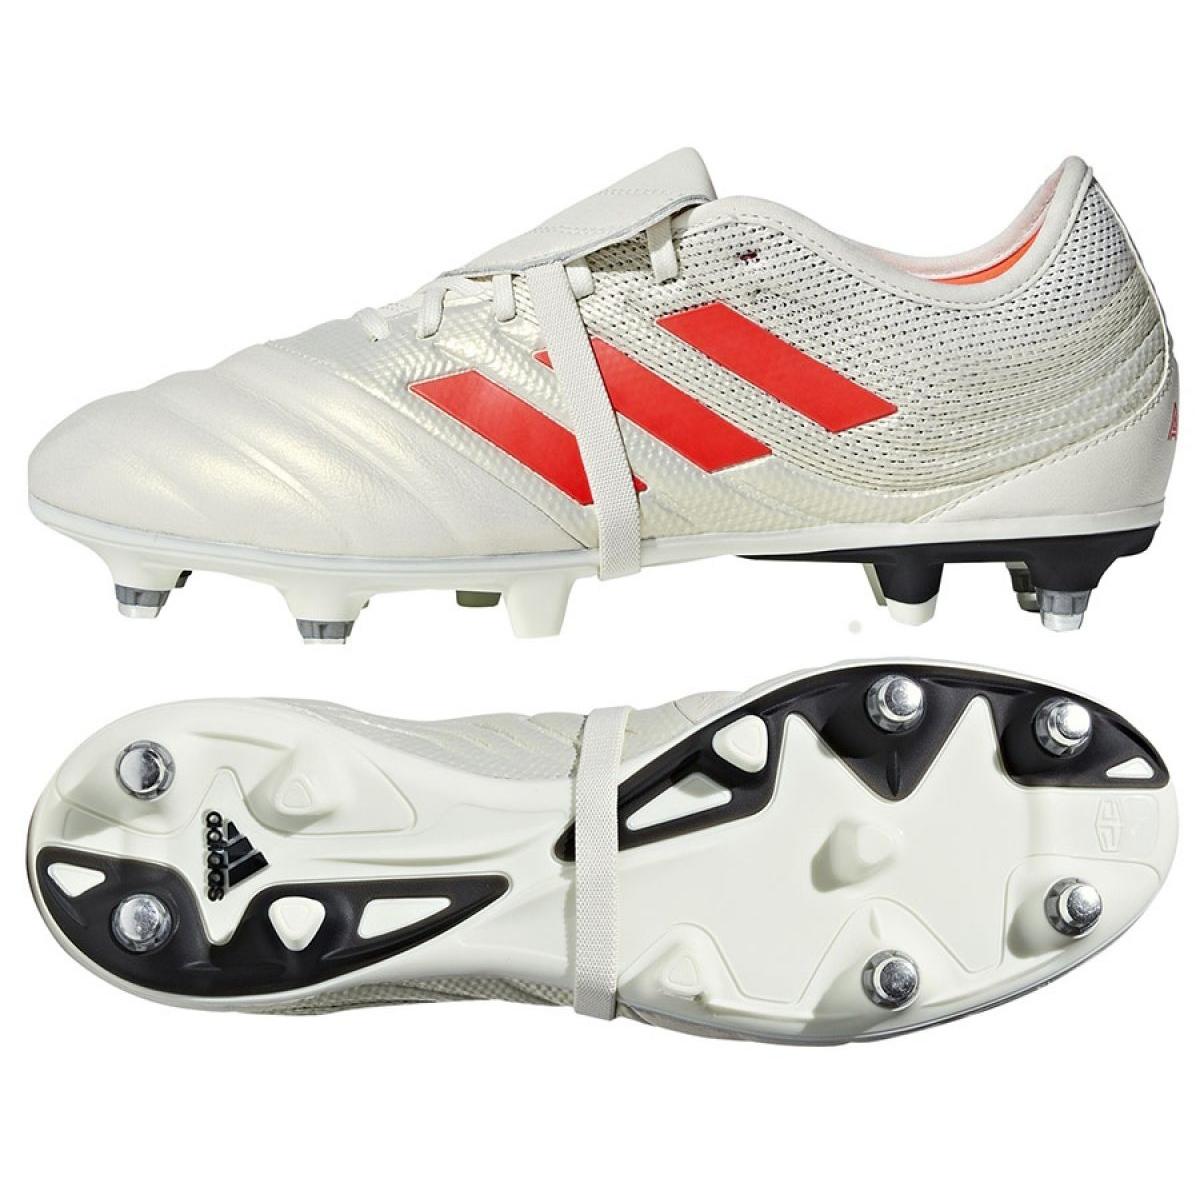 scarpe da calcio adidas copa gloro